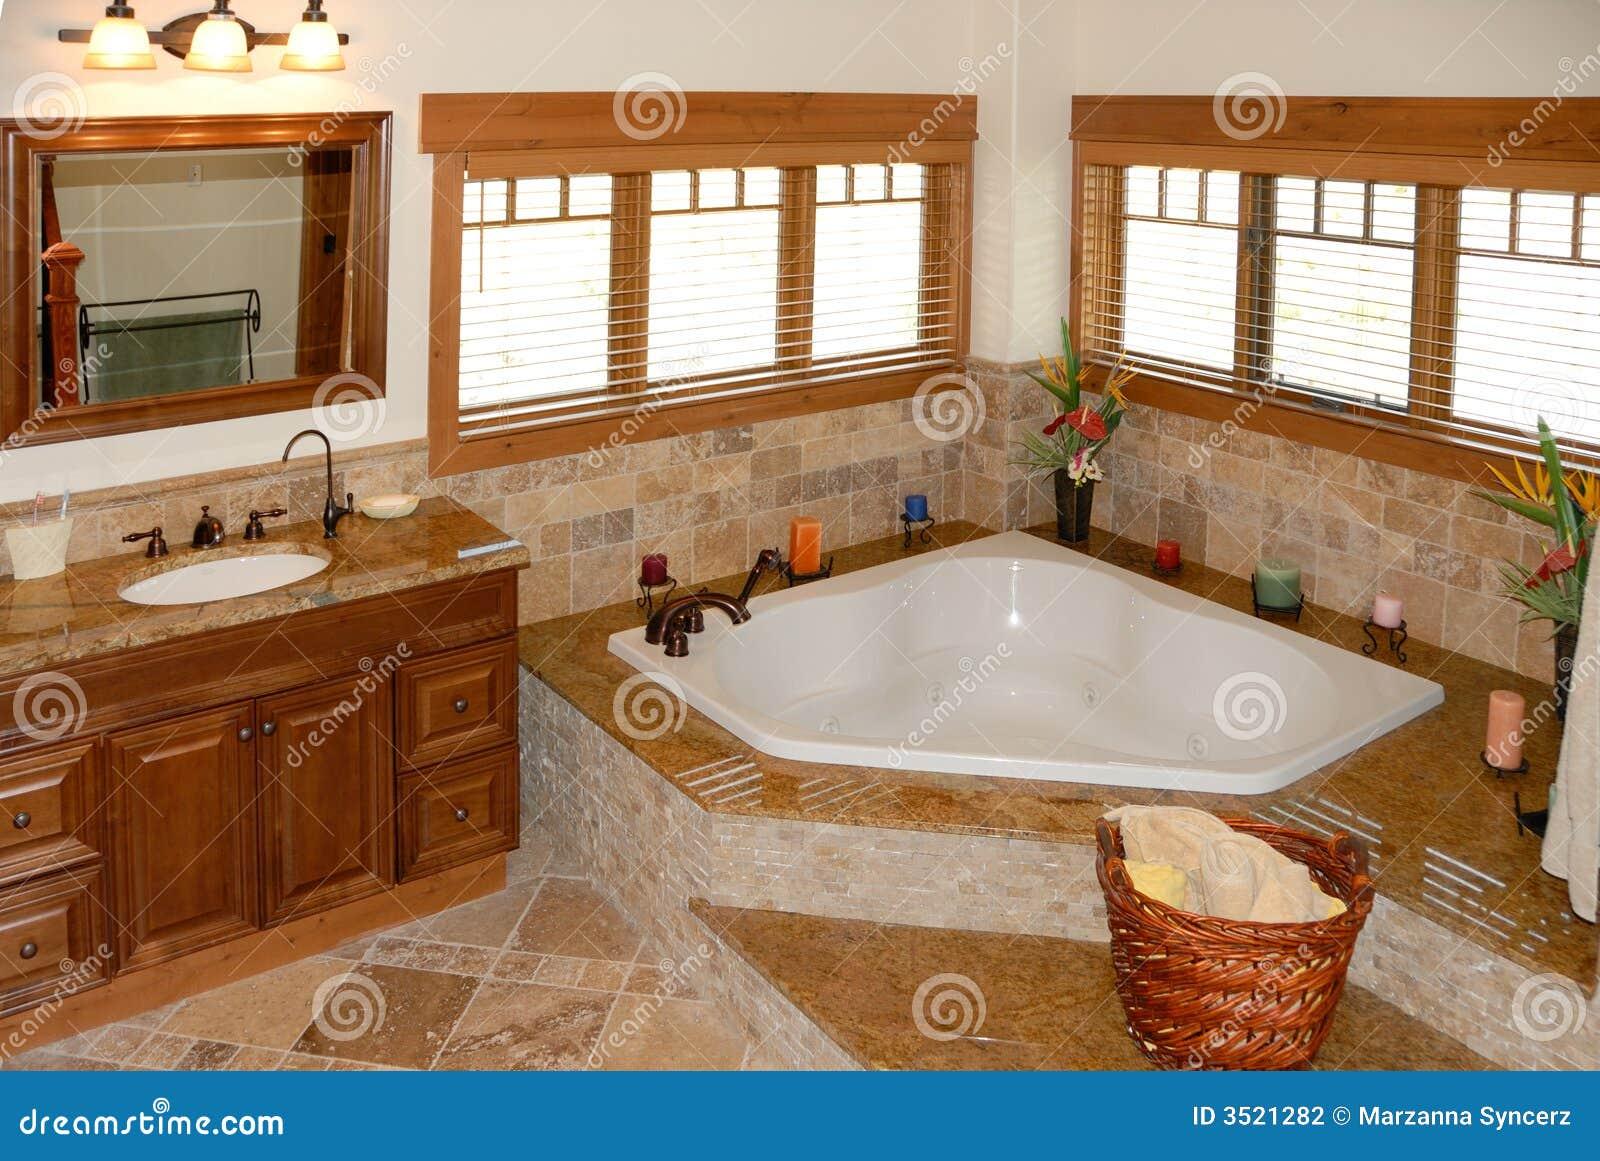 Badkamer Idee Natuur : Badkamers in modern huis stock foto afbeelding bestaande uit